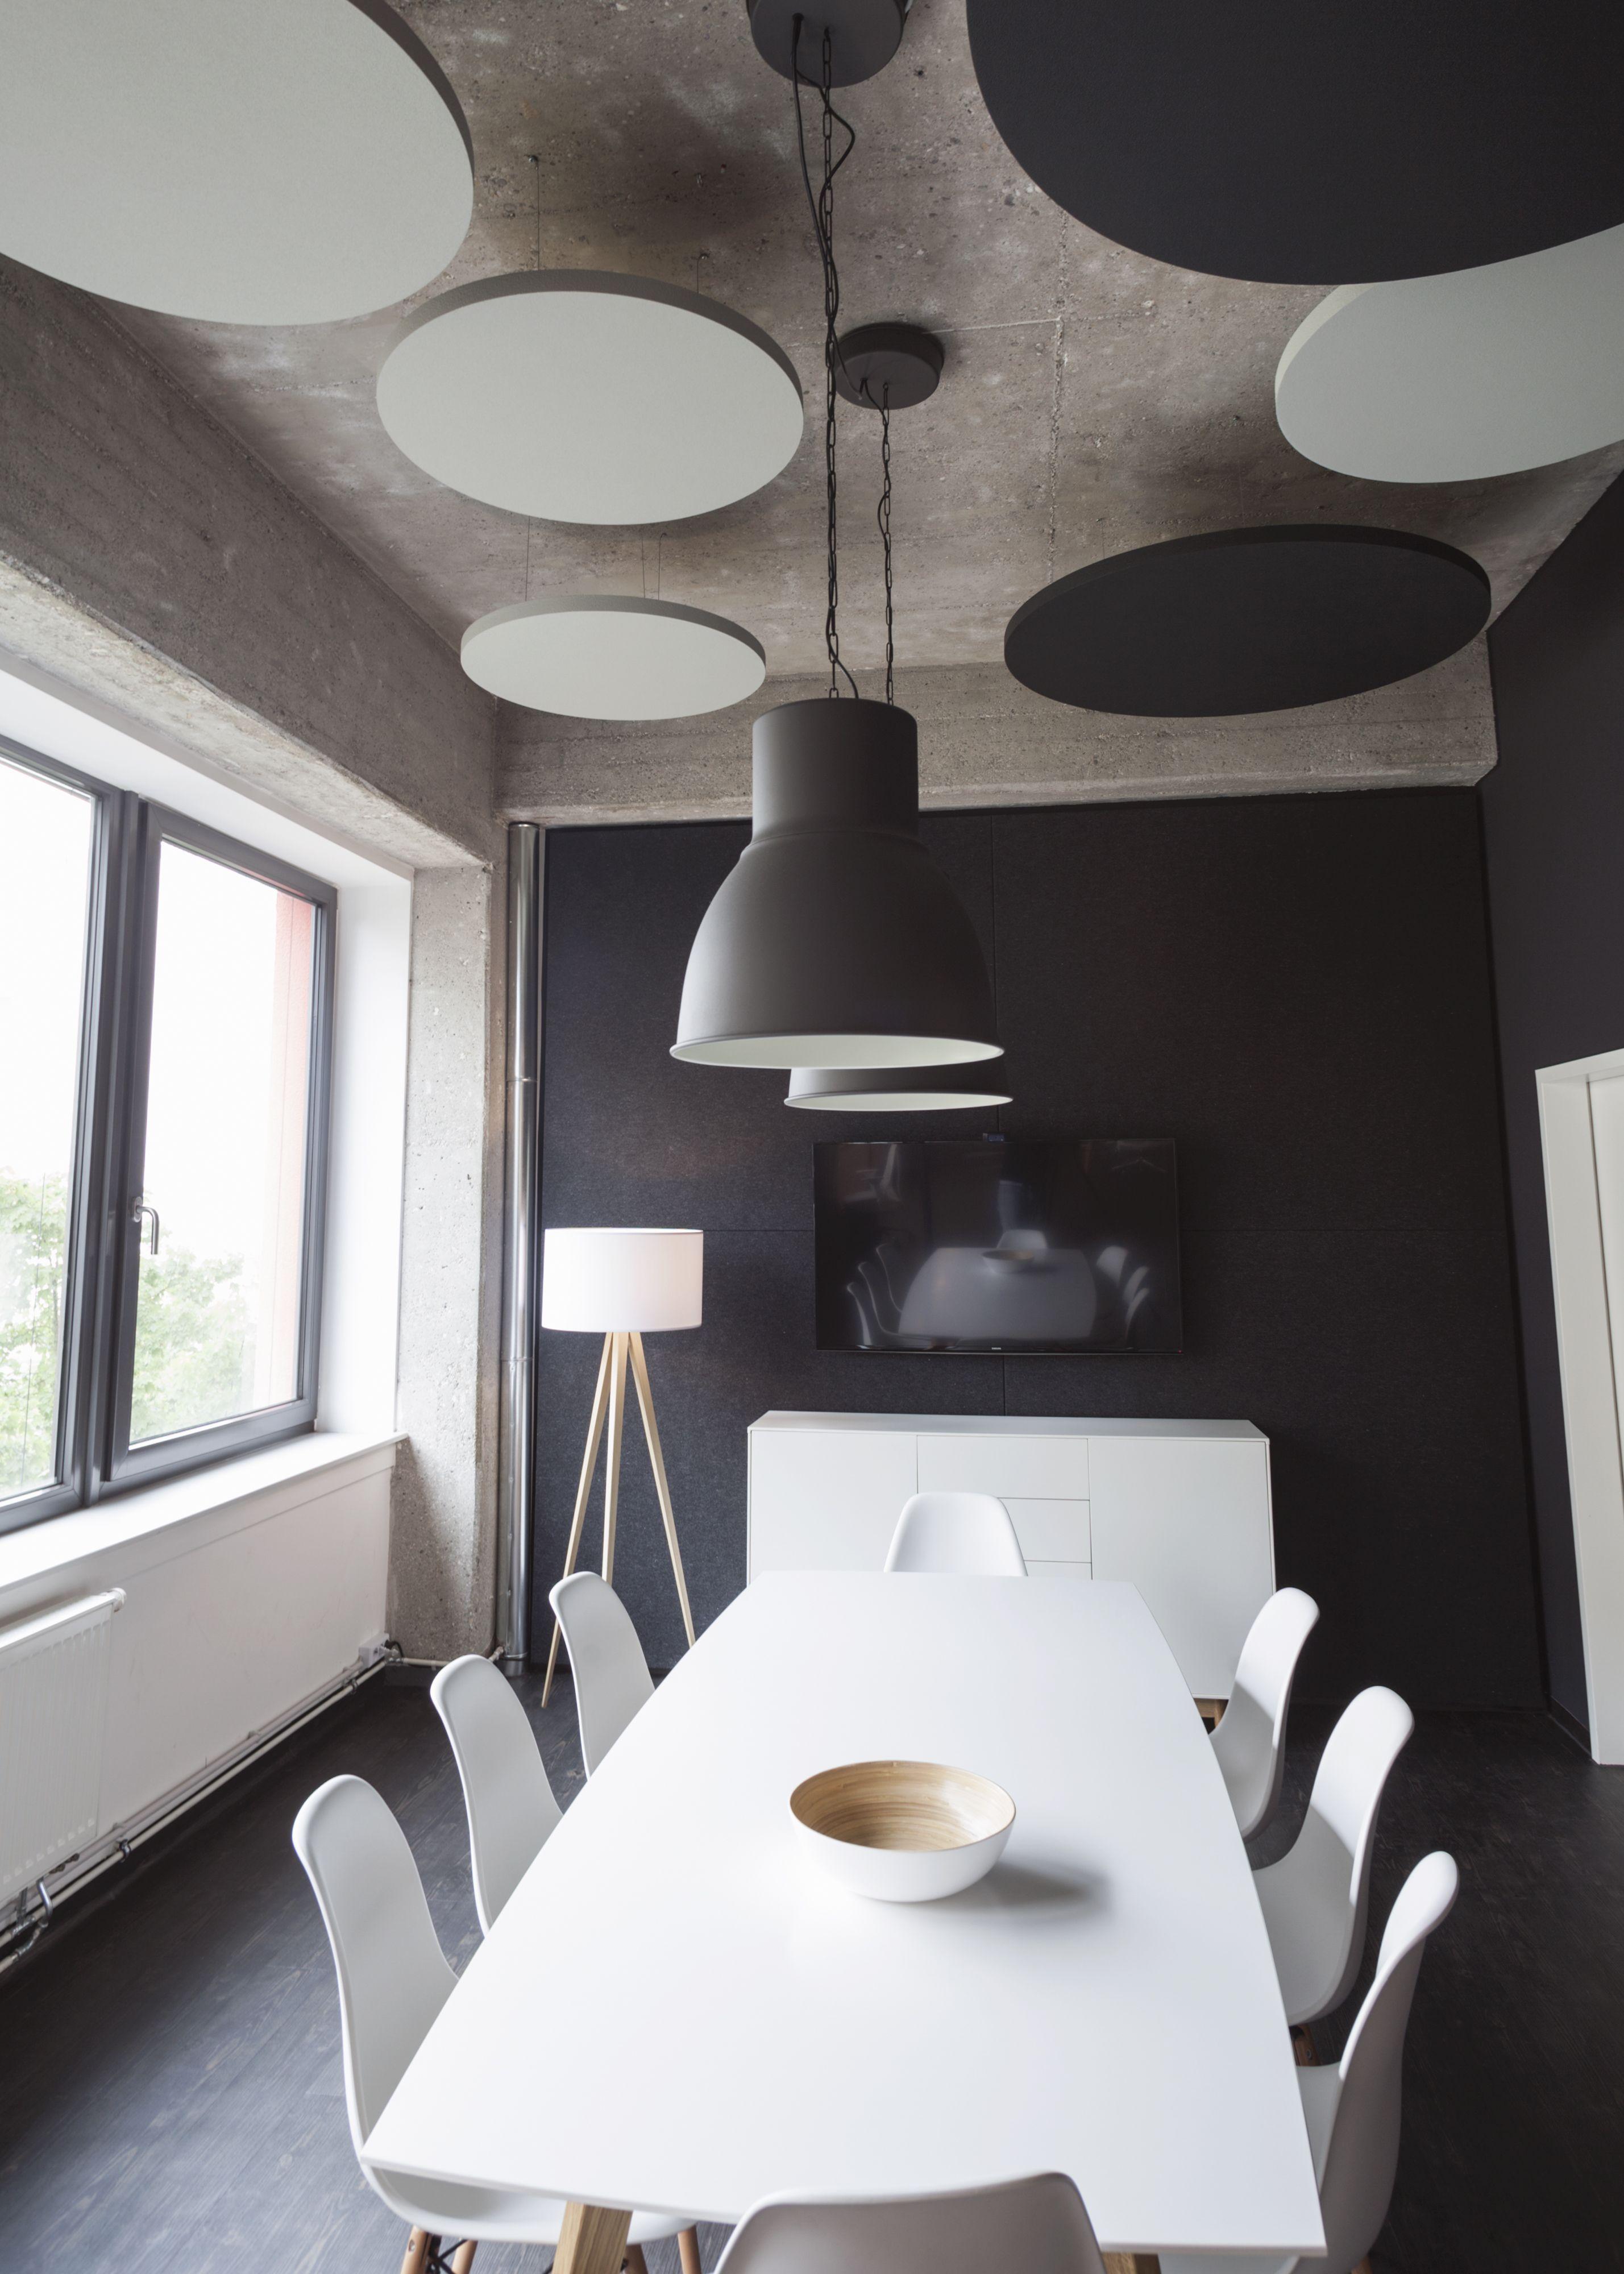 die decke bietet viel freie fl che f r abgeh ngte. Black Bedroom Furniture Sets. Home Design Ideas